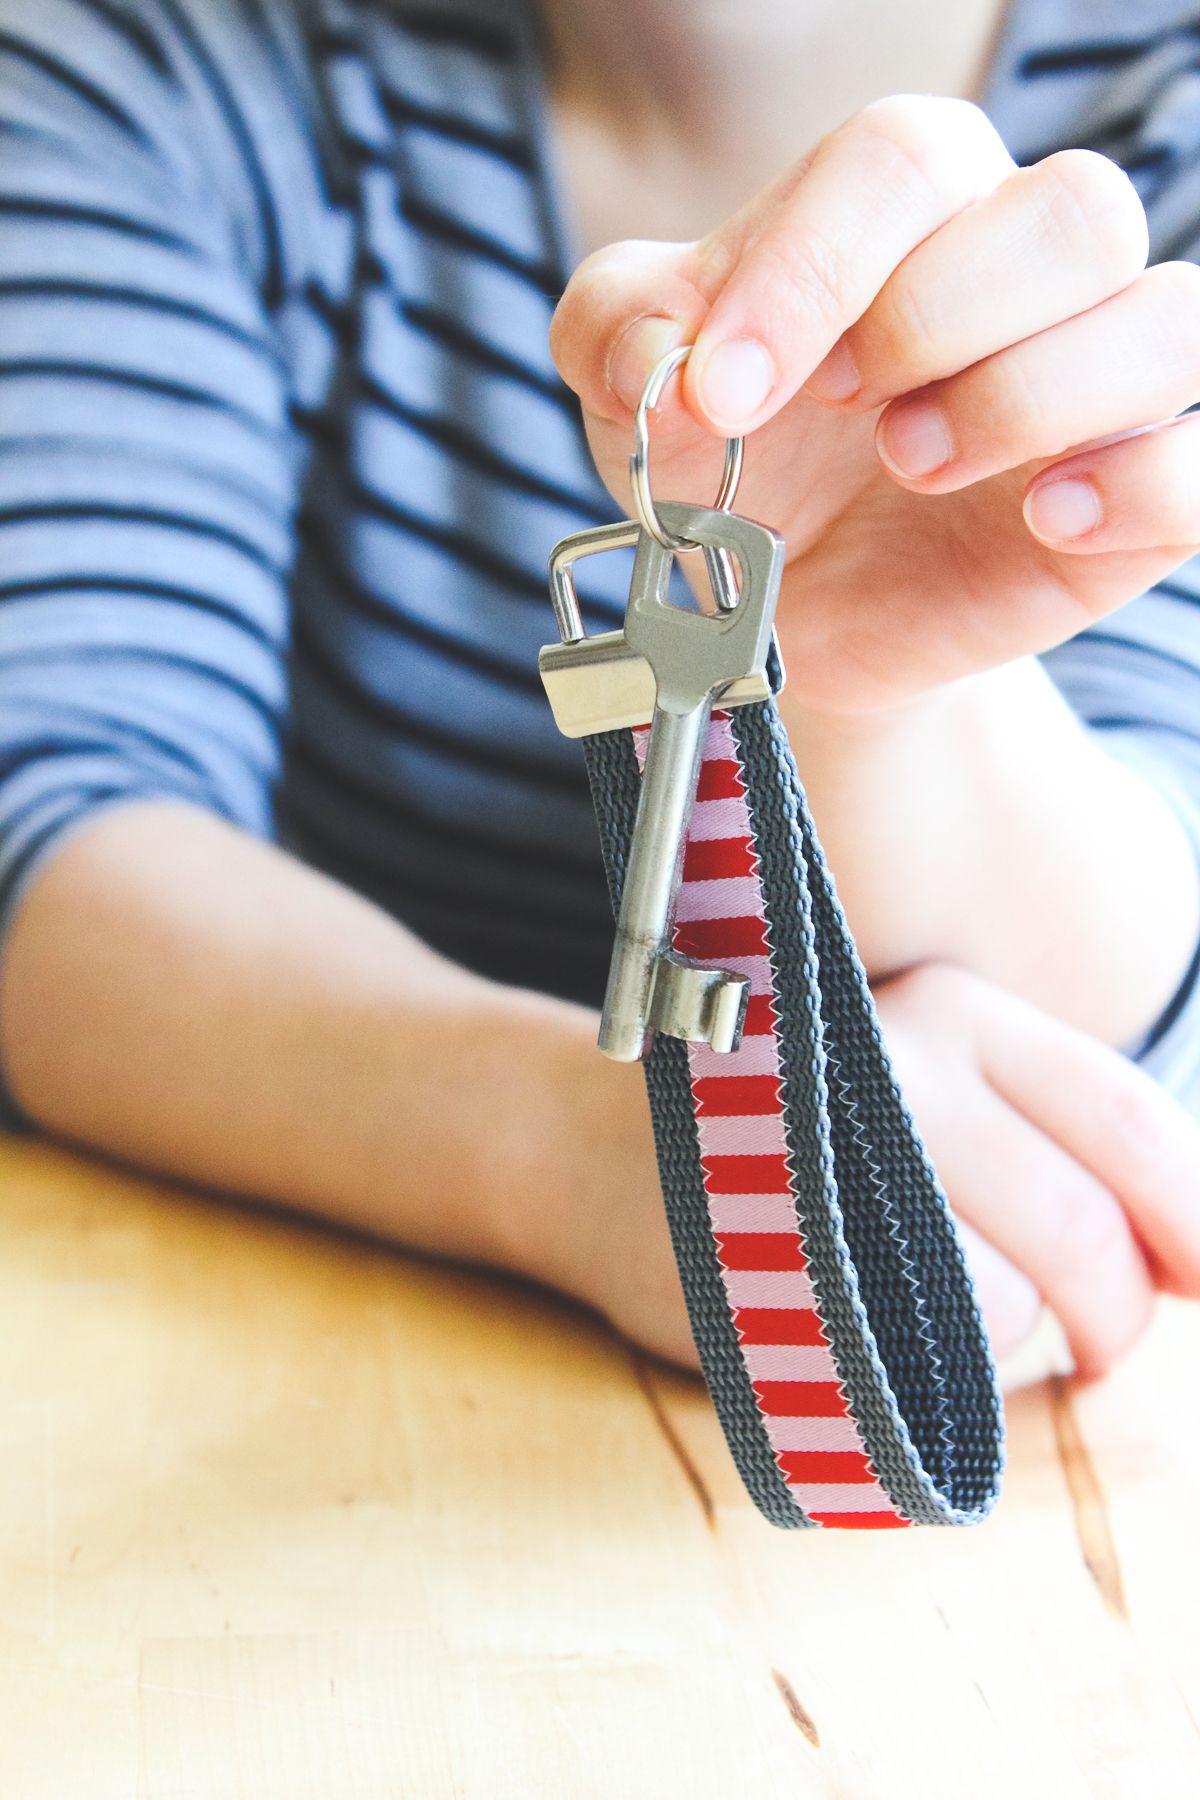 Schlüsselband nähen mit Daniela Kluge auf DIY frollein